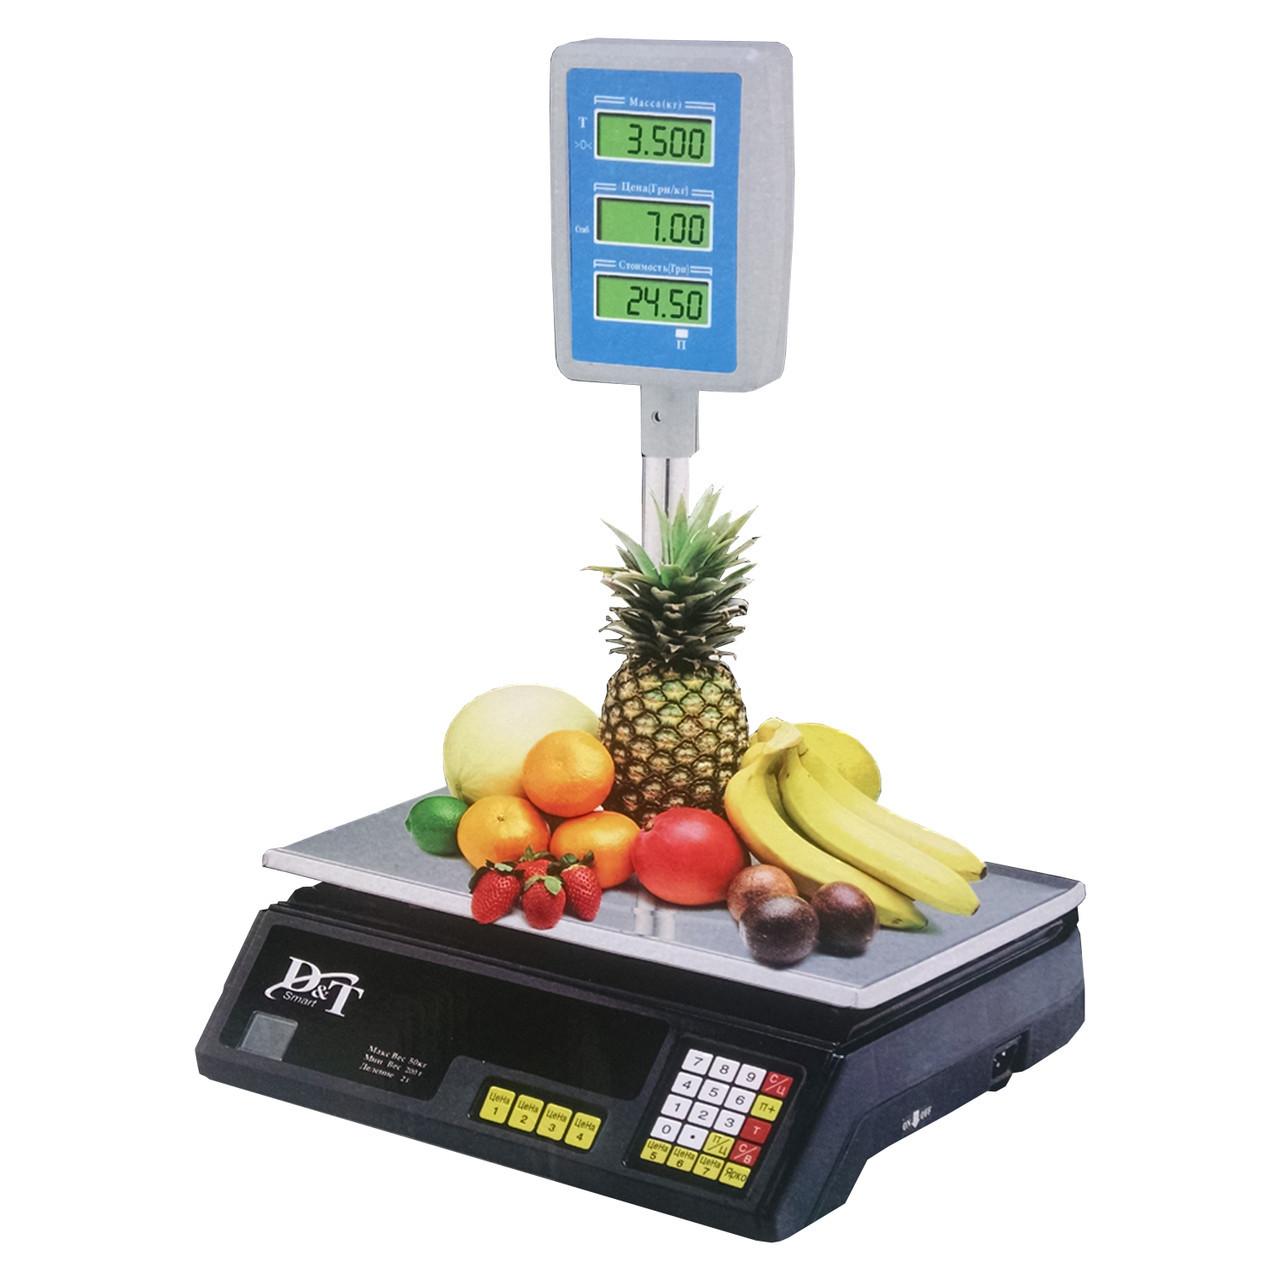 Весы торговые электронные 40 кг DT Smart DT-5053